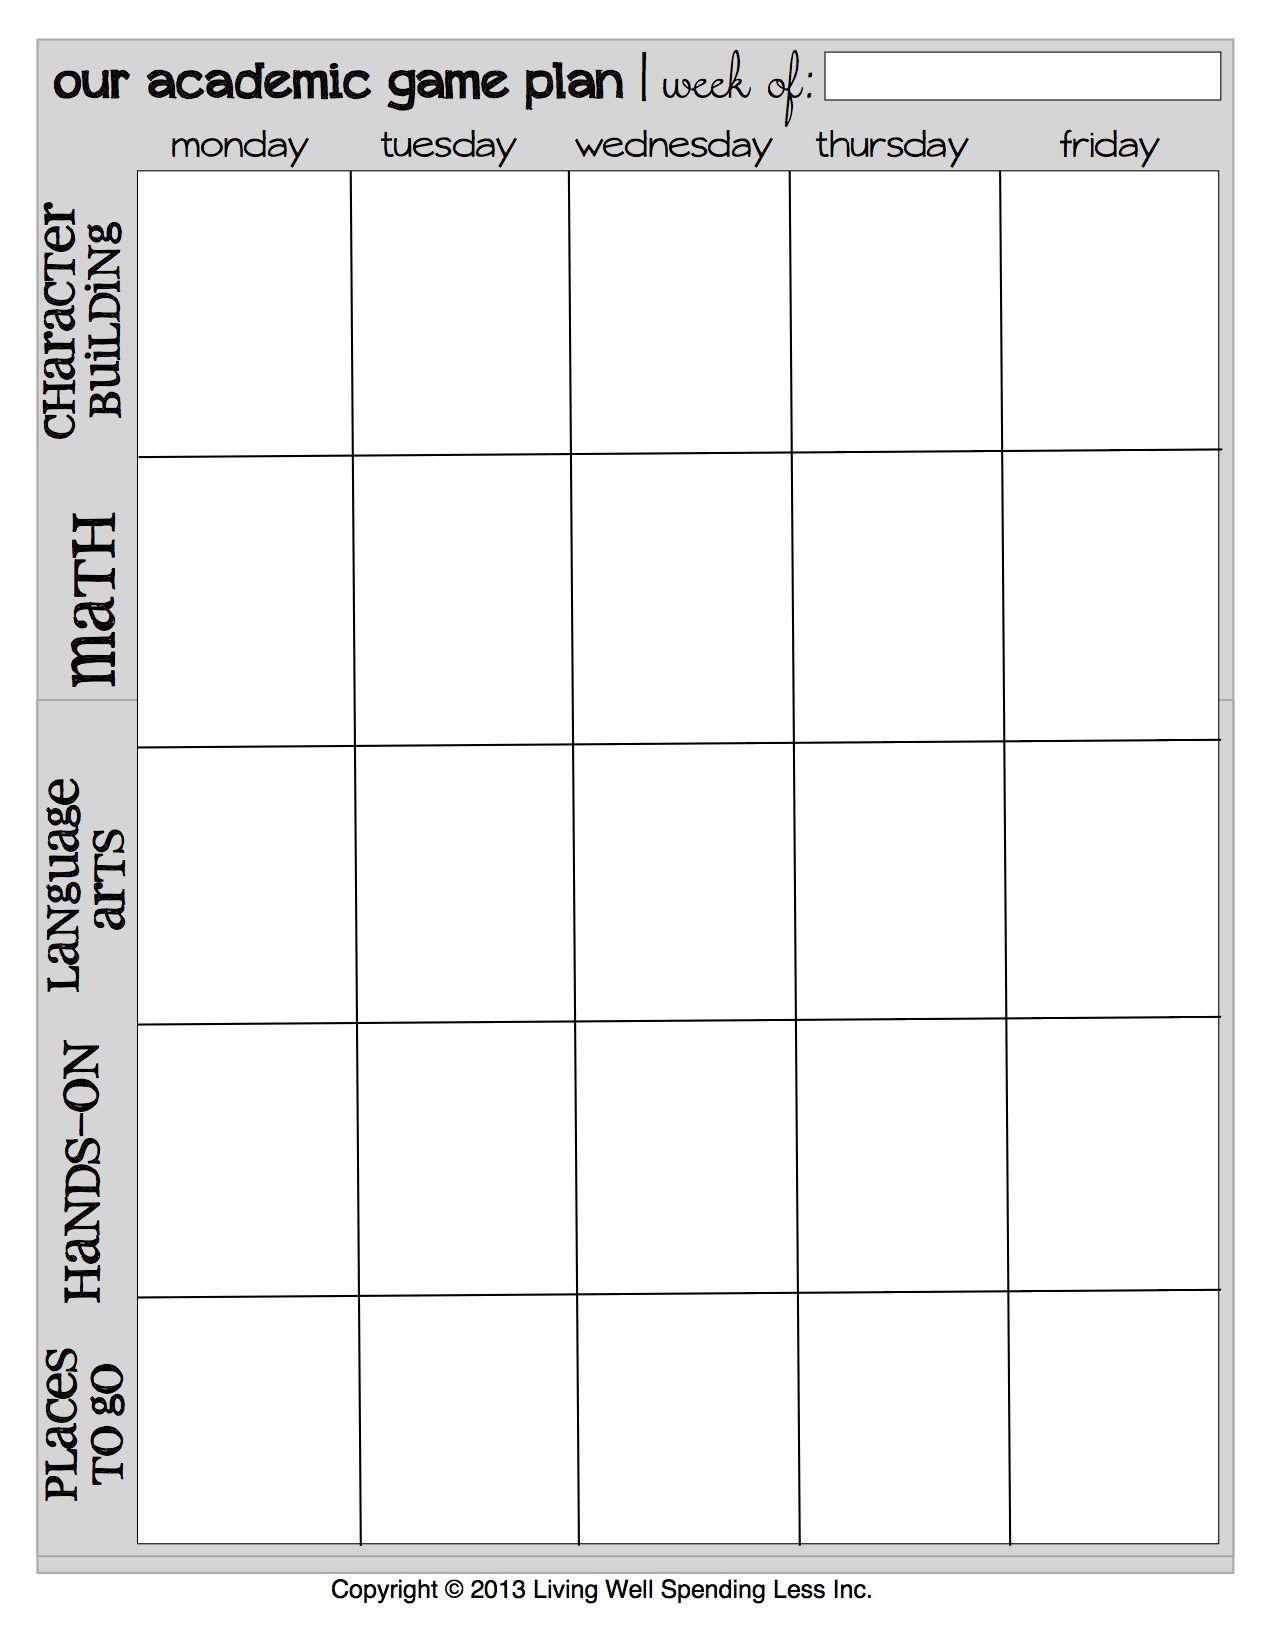 Free Printable Homeschool Weekly Academic Game Plan | Homeschool - Free Printable Academic Planner